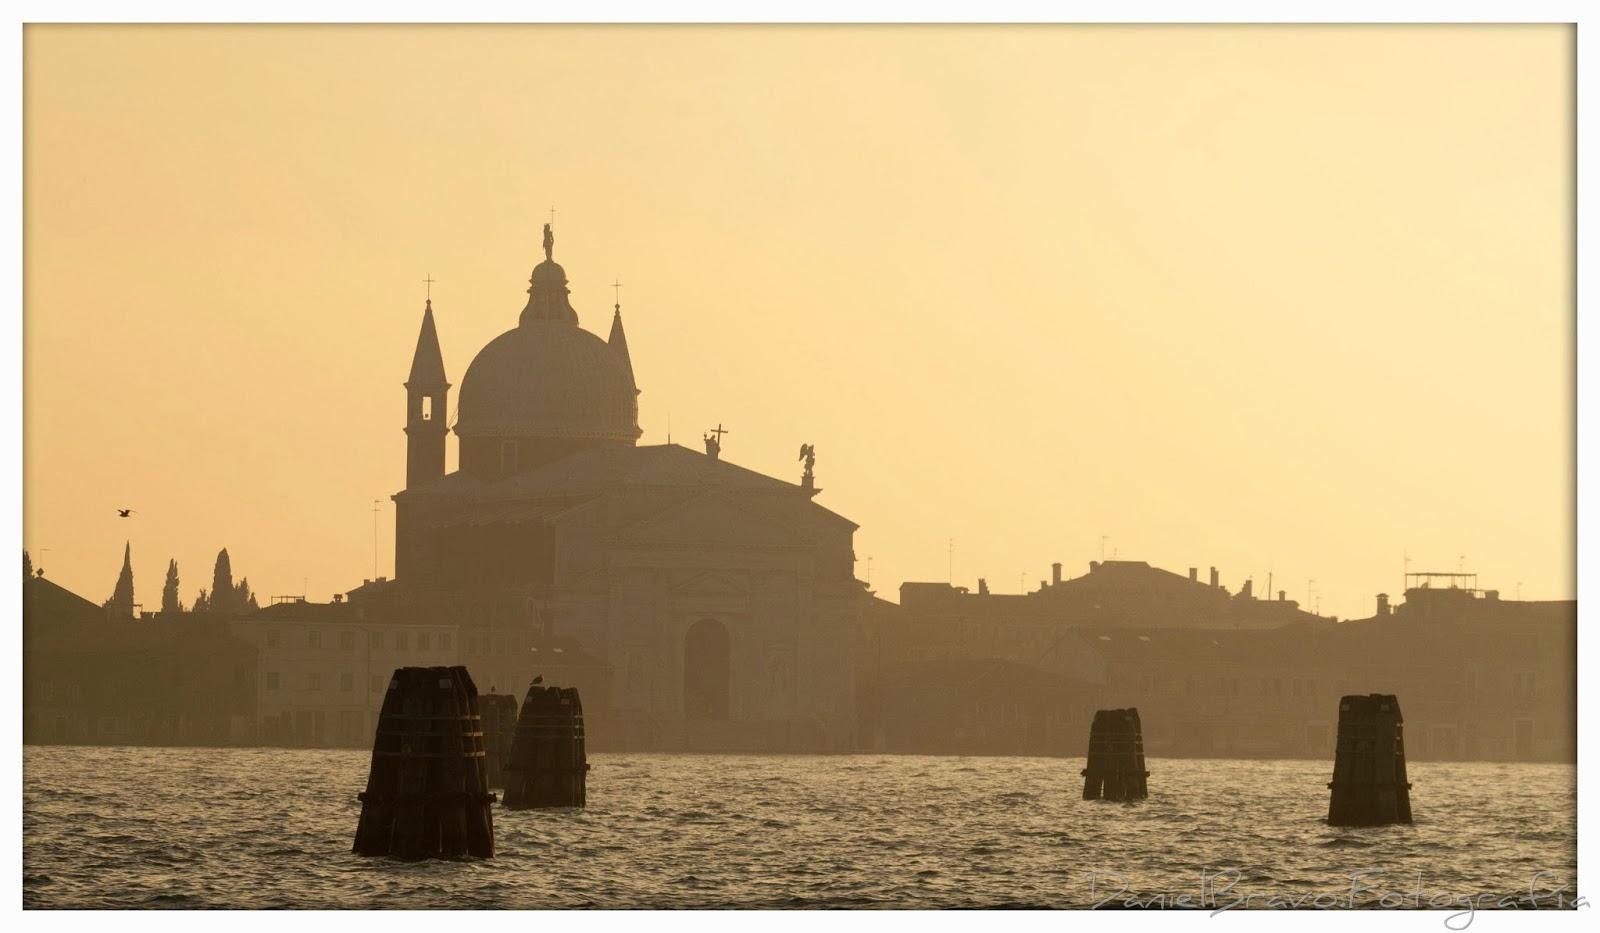 Vista de la Iglesia del Redentor en Venecia con luz dorada del atardecer.